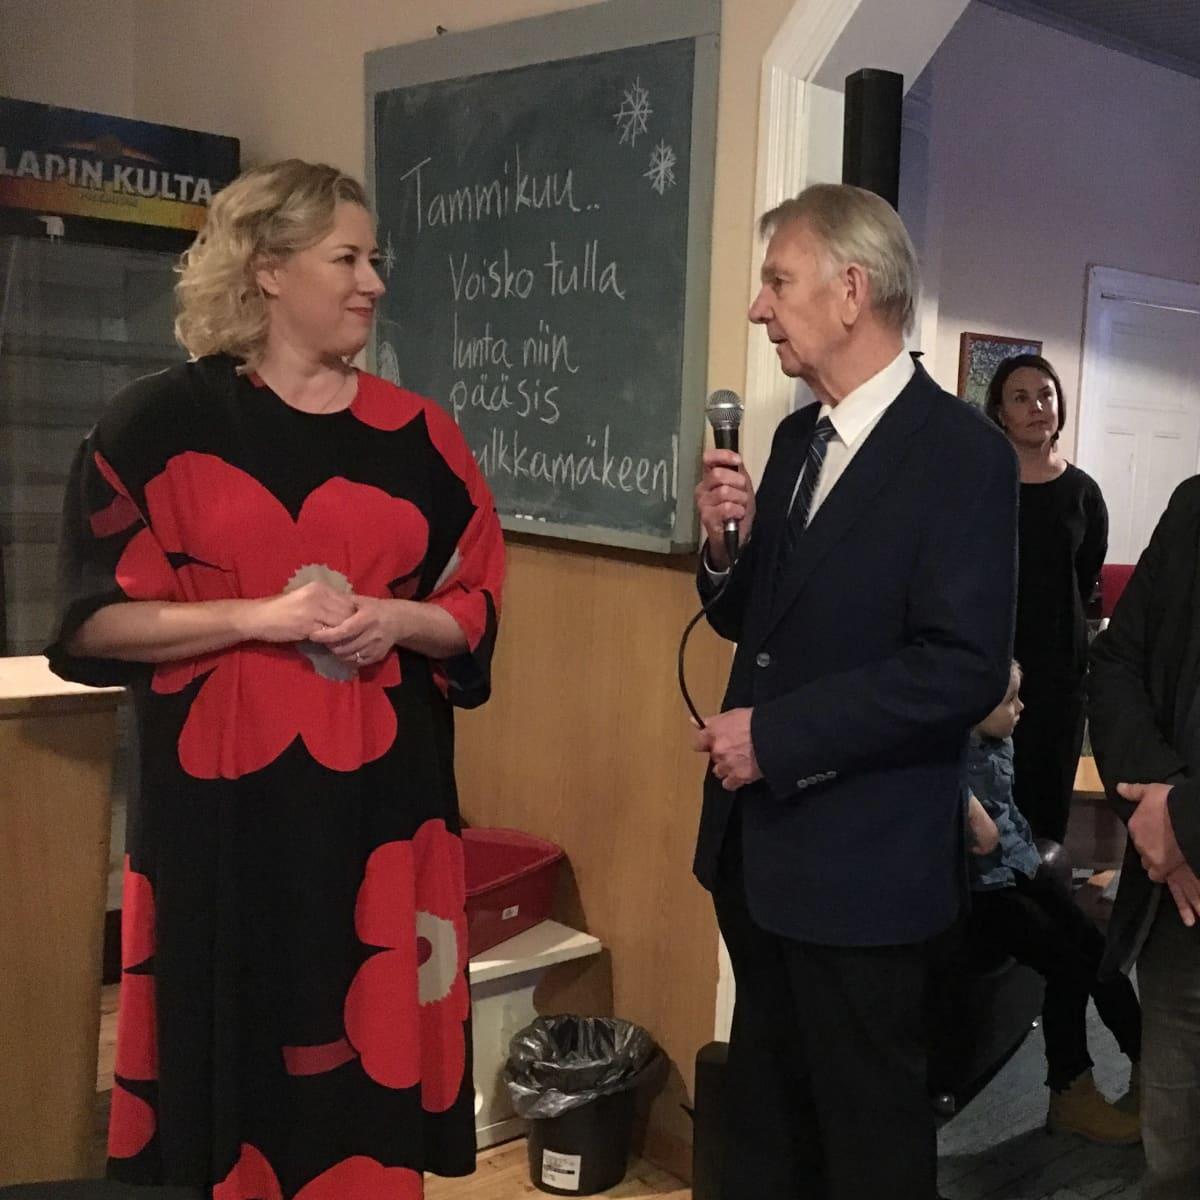 EU-komissaari Jutta Urpilainen vastaanottaa tervehdyksen entiseltä kansanedustajakollegaltaan Bjarne Kallikselta.